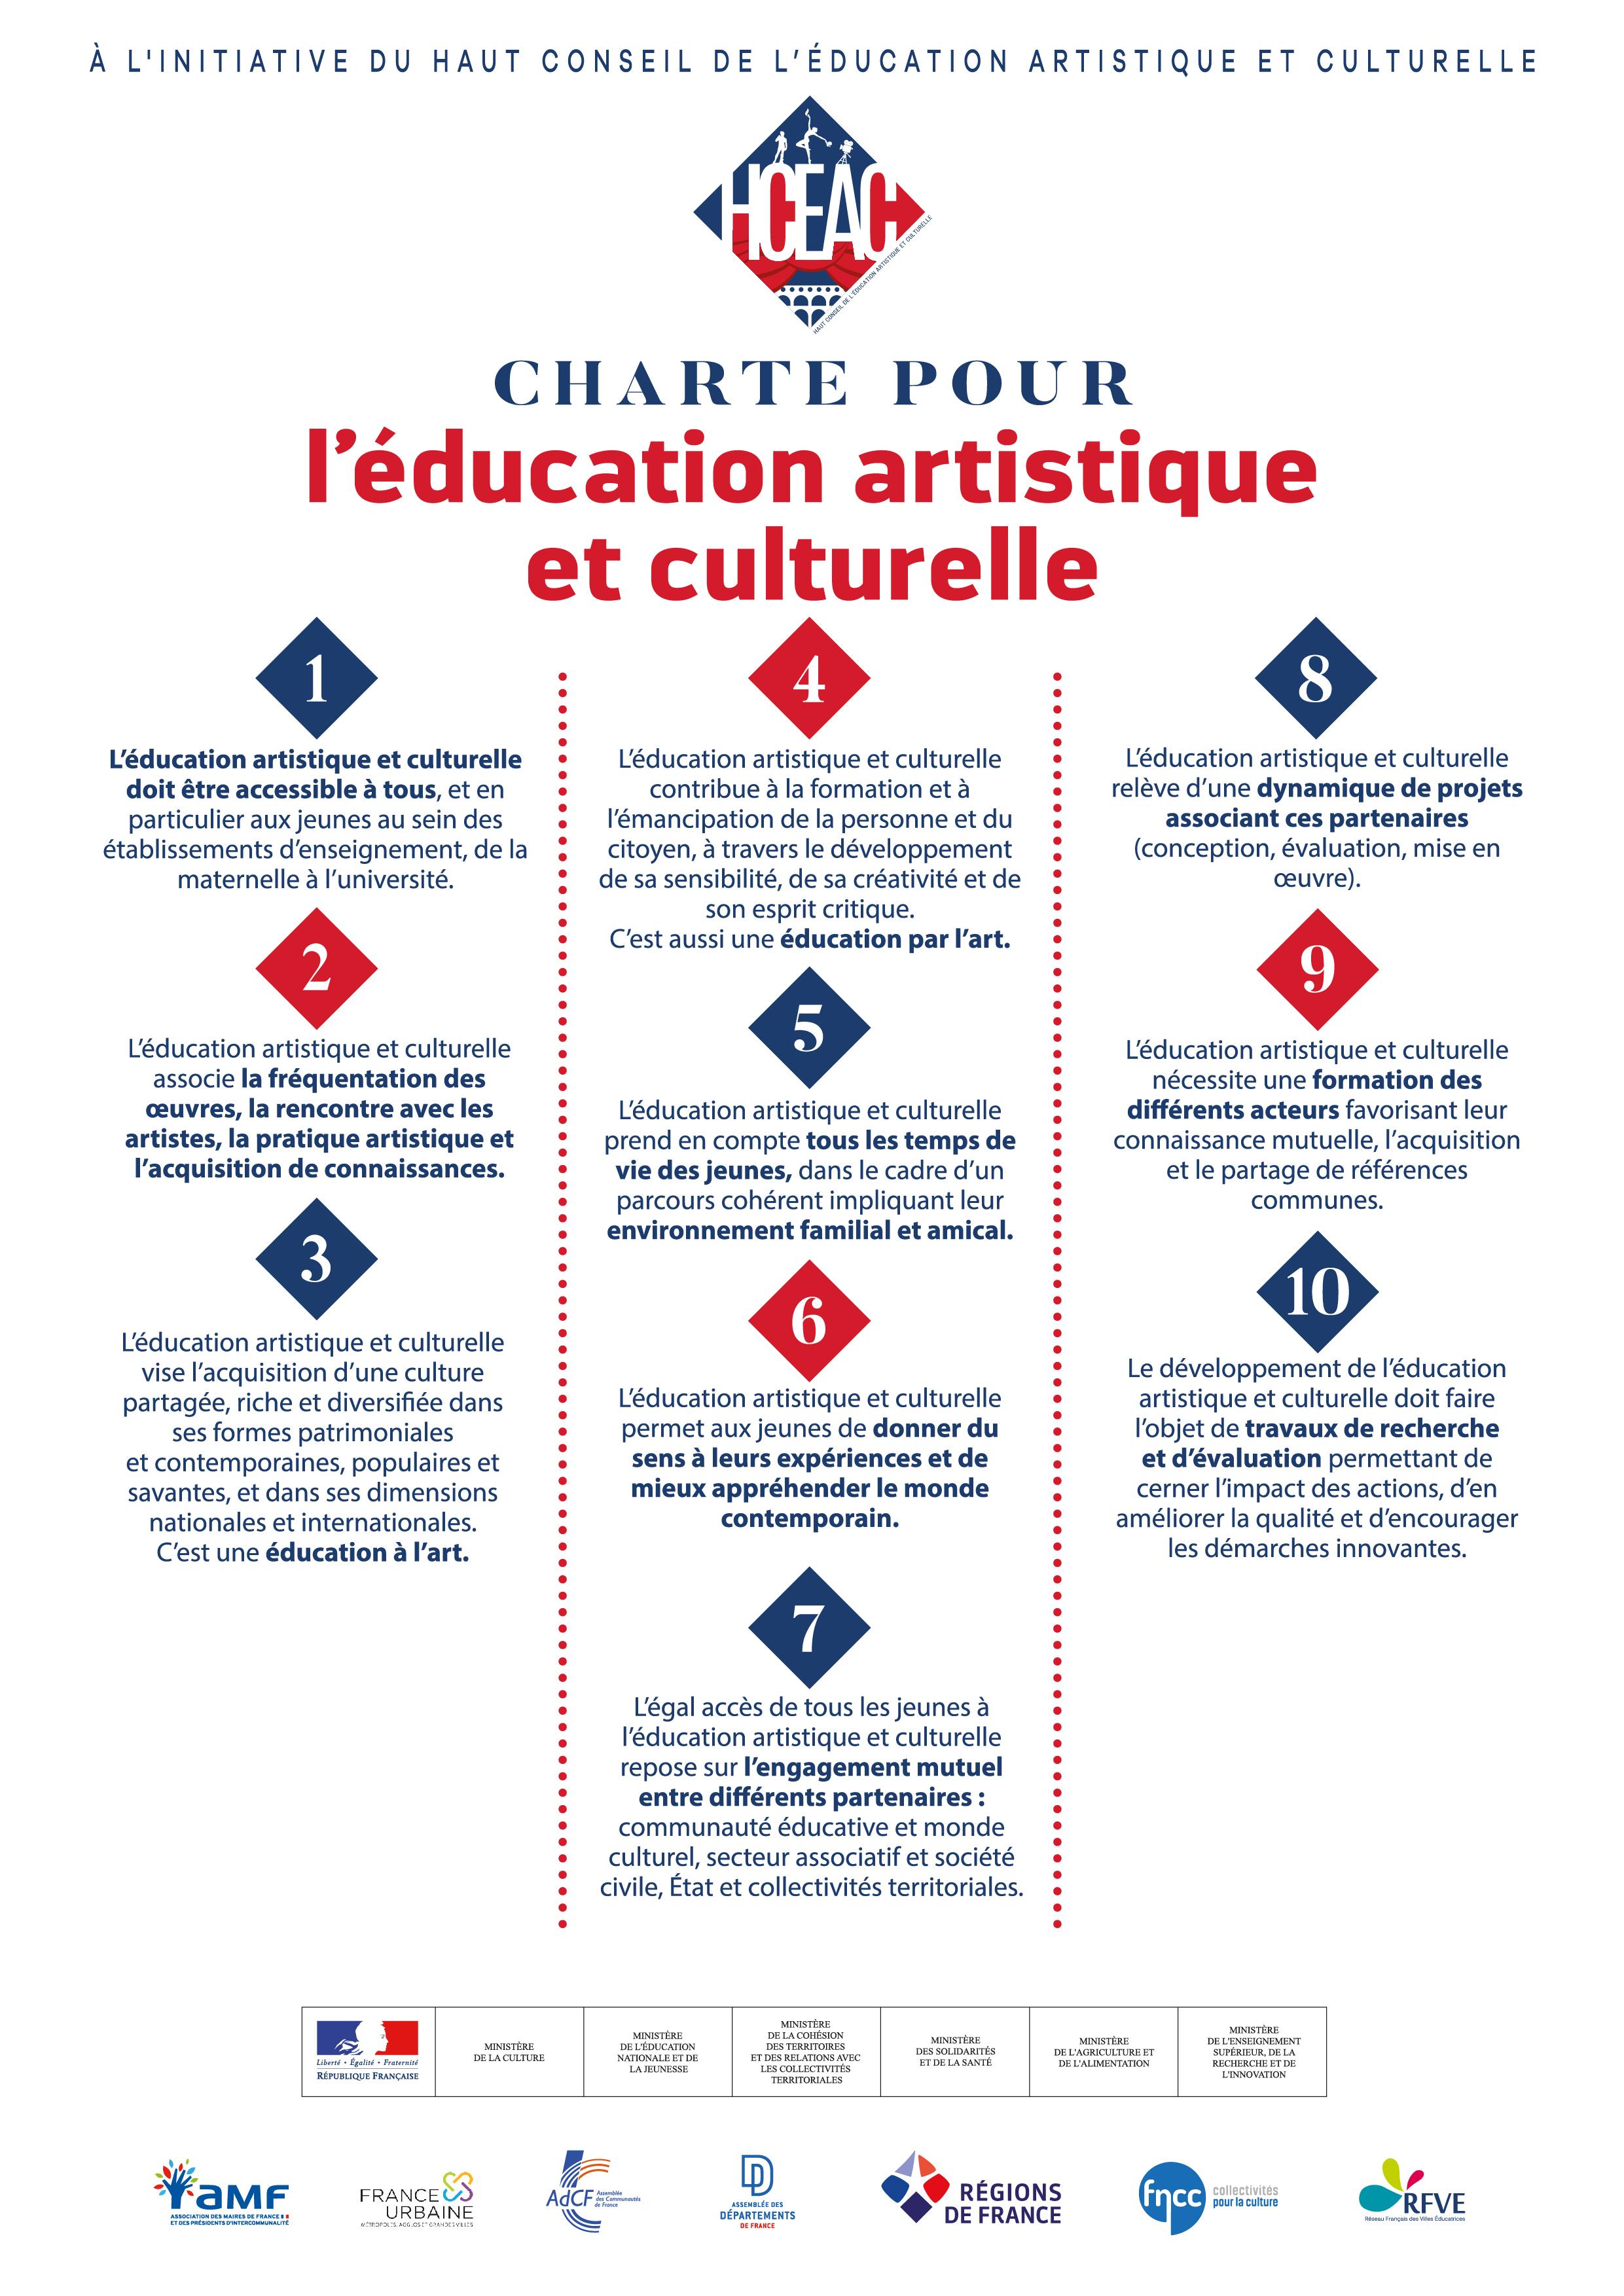 La charte de l'éducation artistique et culturelle